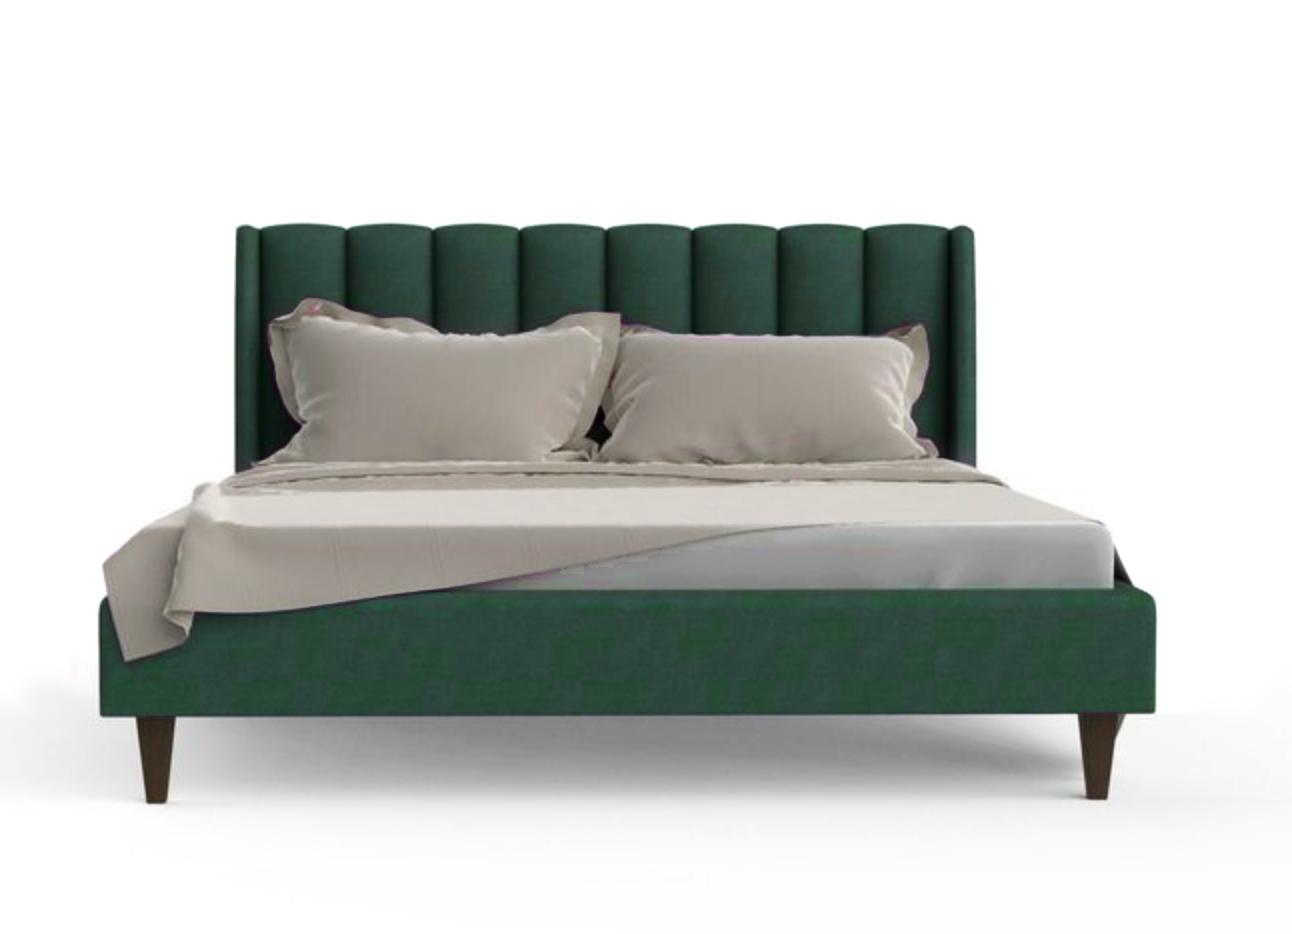 Купить со скидкой Кровать клэр темно-зеленого цвета 160х200